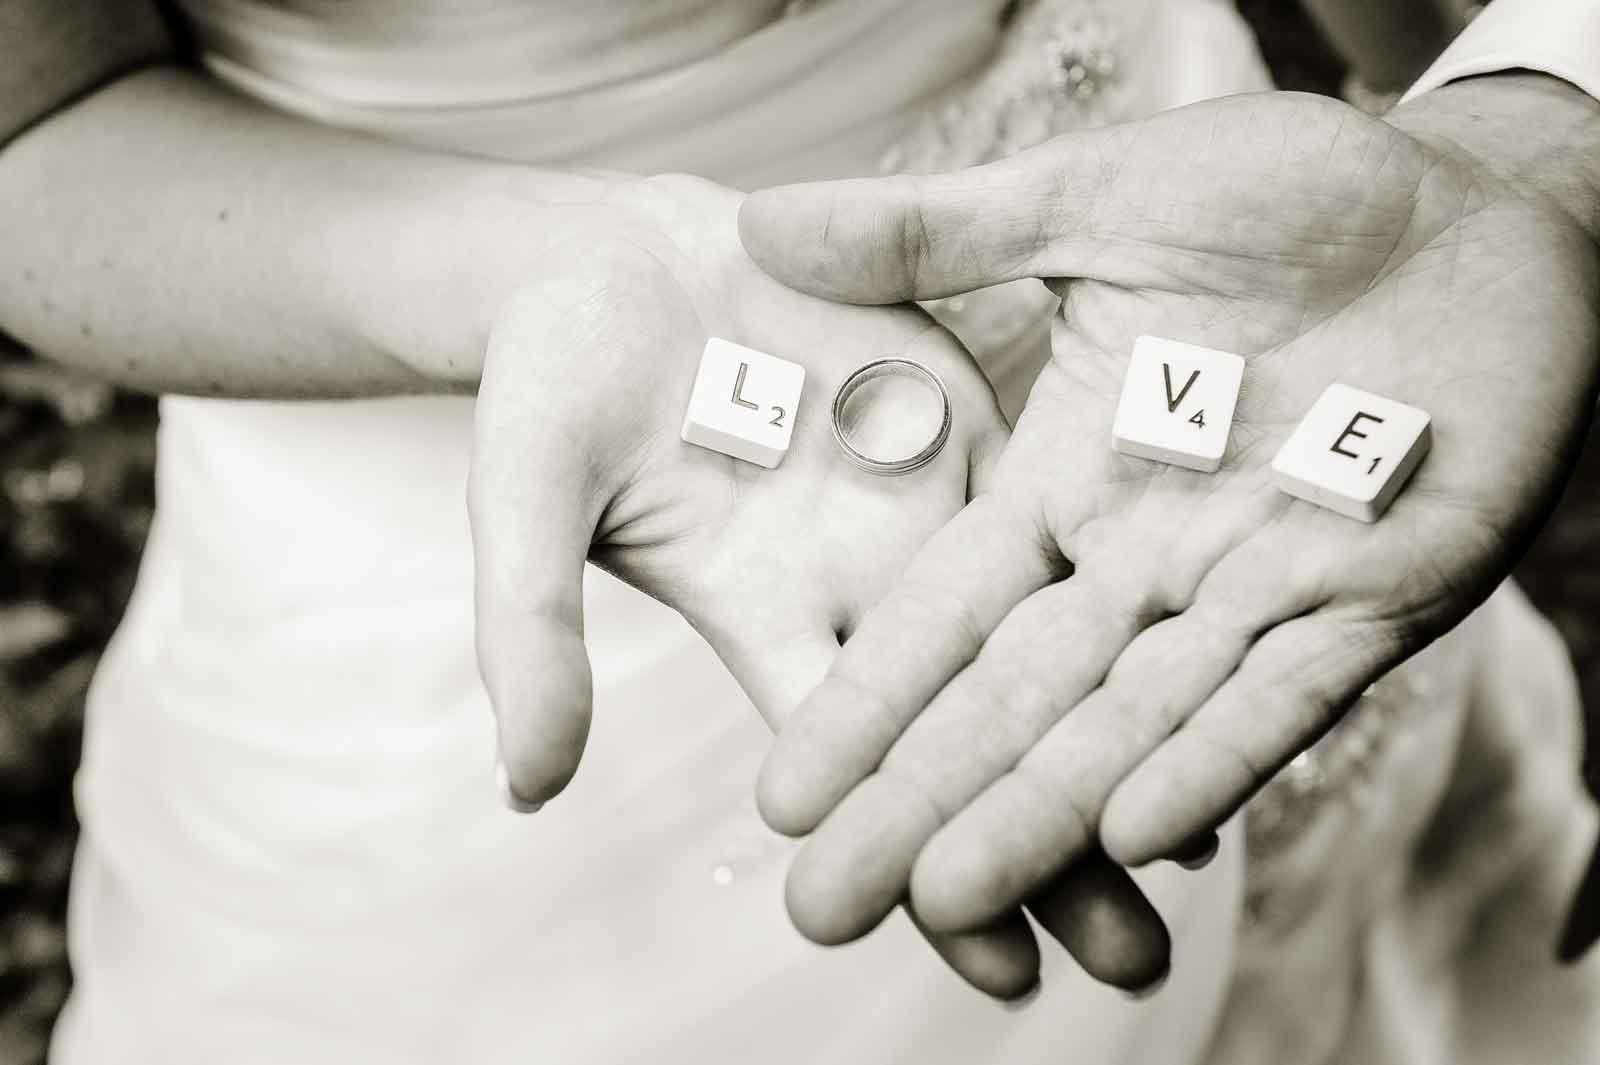 Handen van vers getrouwd koppel met de Scrabble letters love in de hand